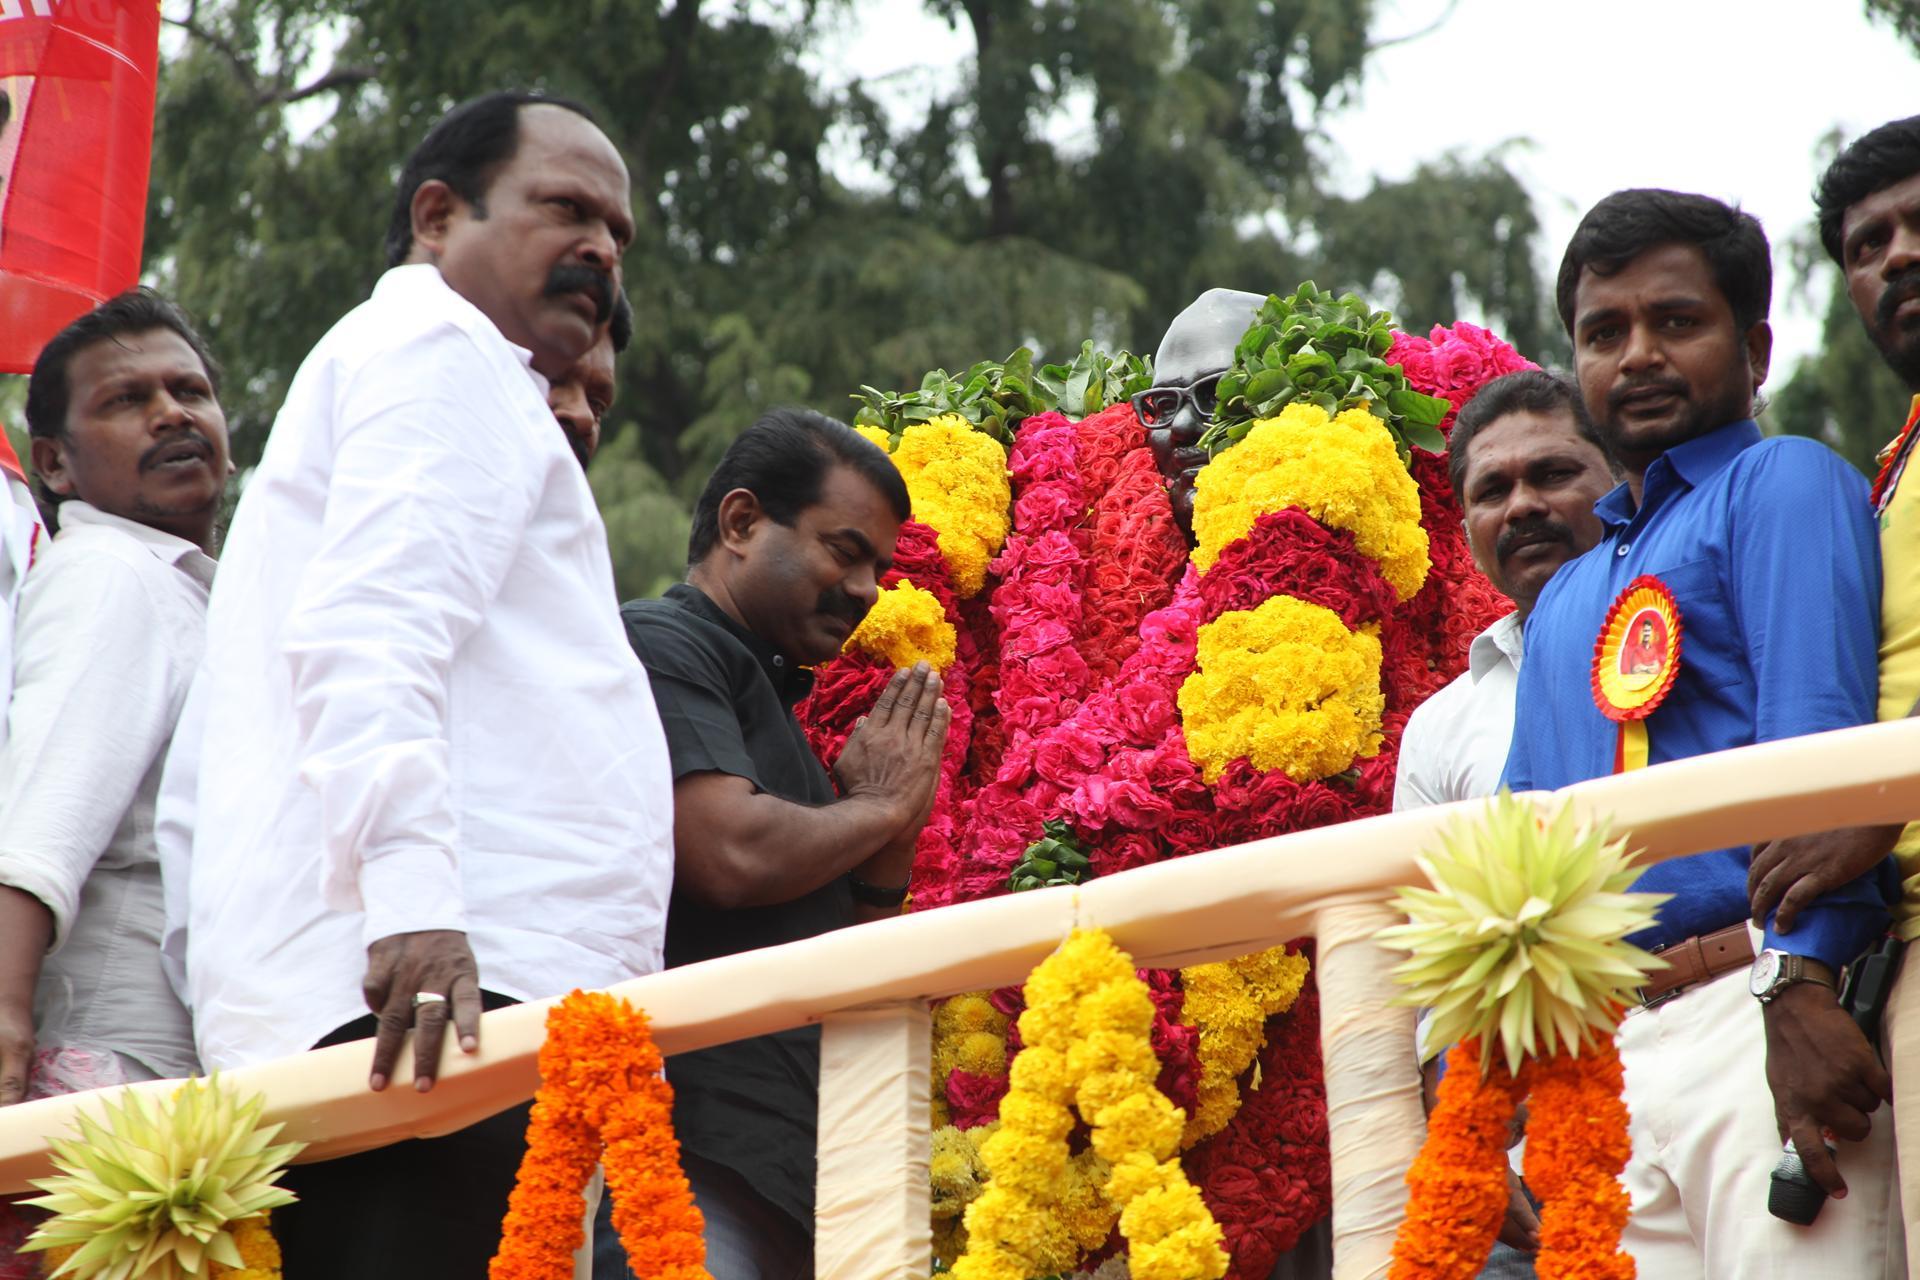 'தமிழர் தந்தை' சி.பா. ஆதித்தனார் 113ஆம் ஆண்டு பிறந்தநாள்: சீமான் மலர்வணக்கம் naam tamilar katchi seeman paying floral tributes si paa aadhithanar 113th birth anniversary3